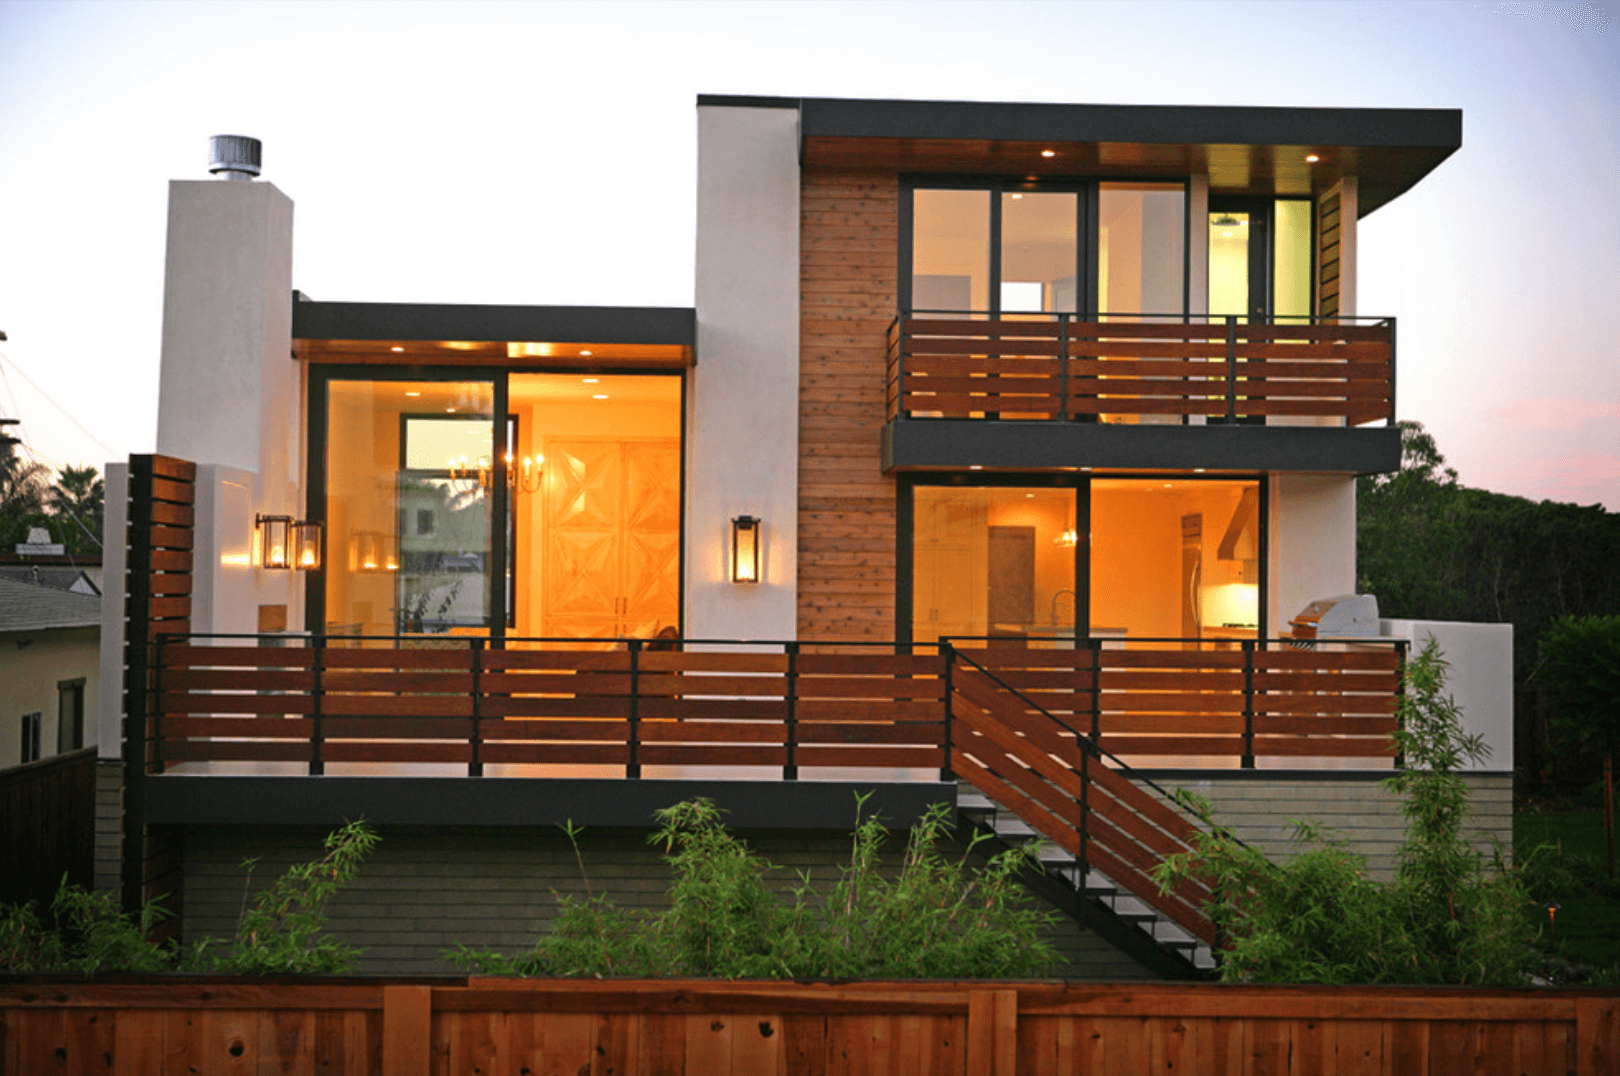 Casas bonitas com muro